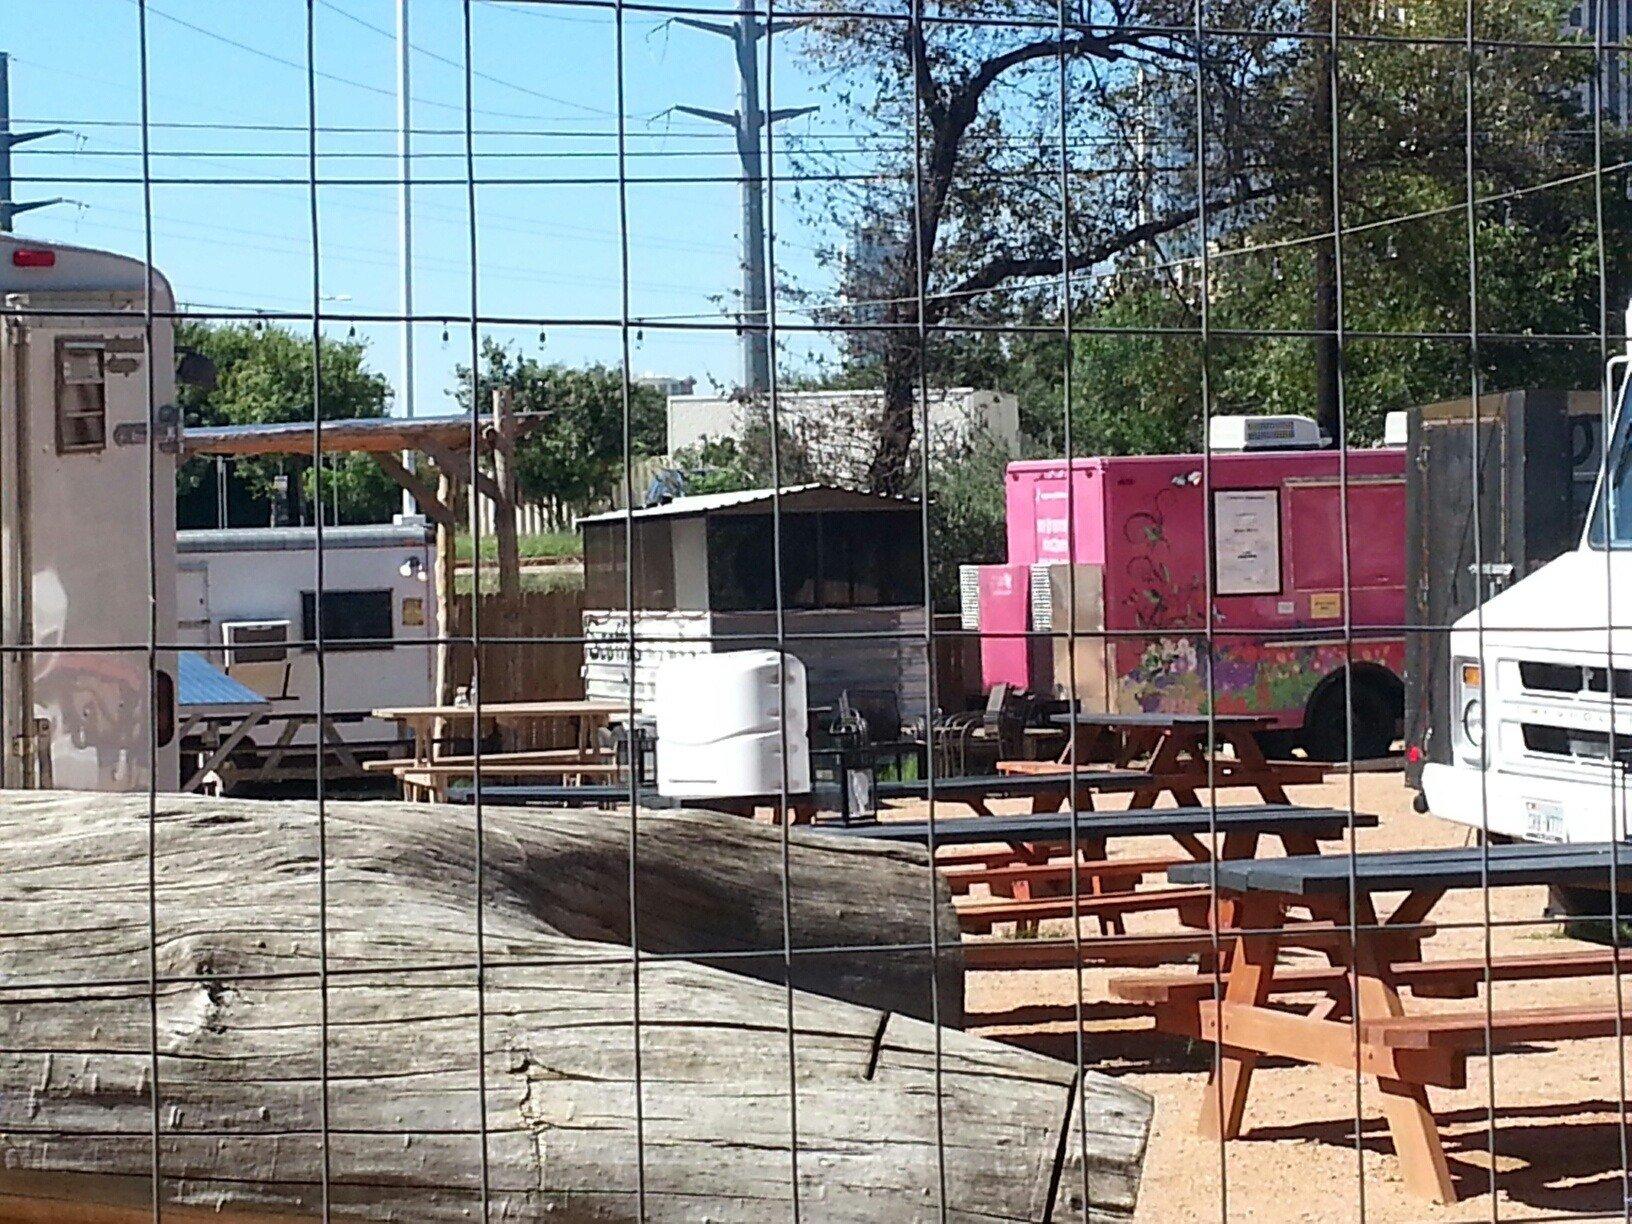 Rainey Street Food Trucks